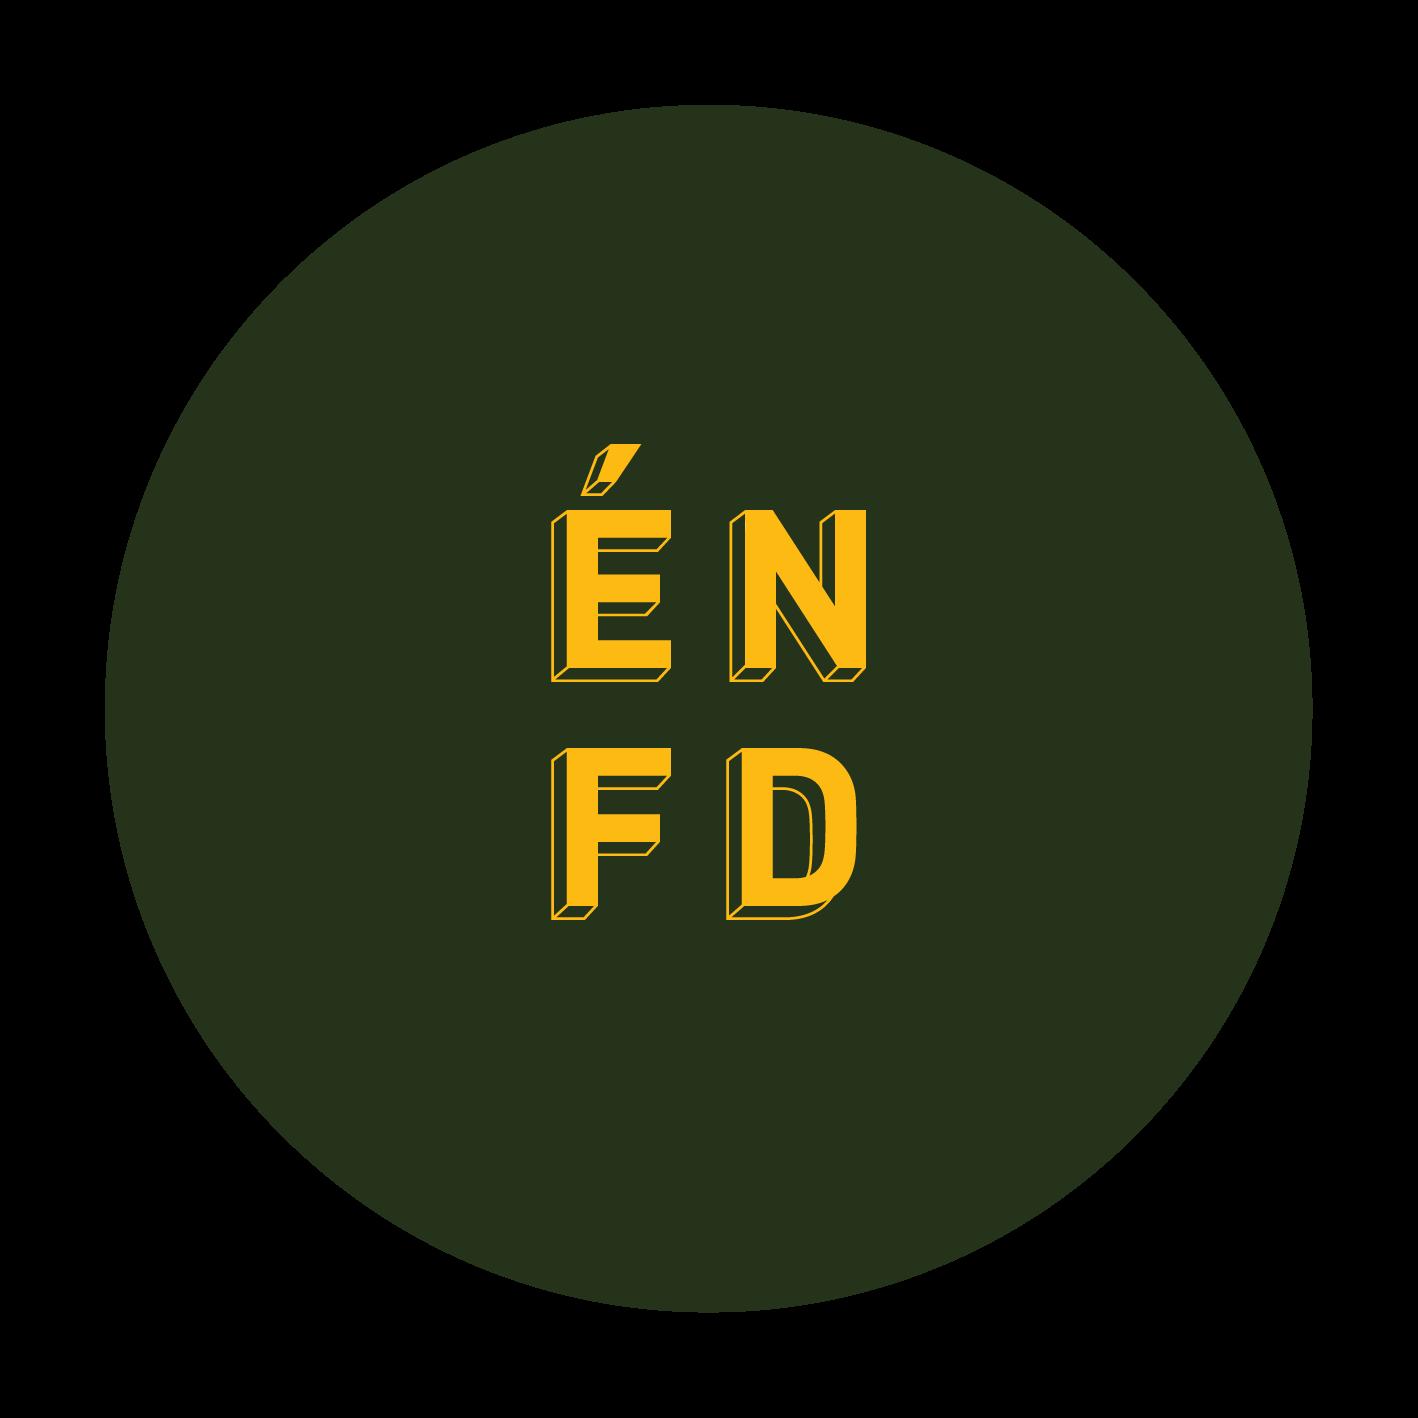 logo-pin.png